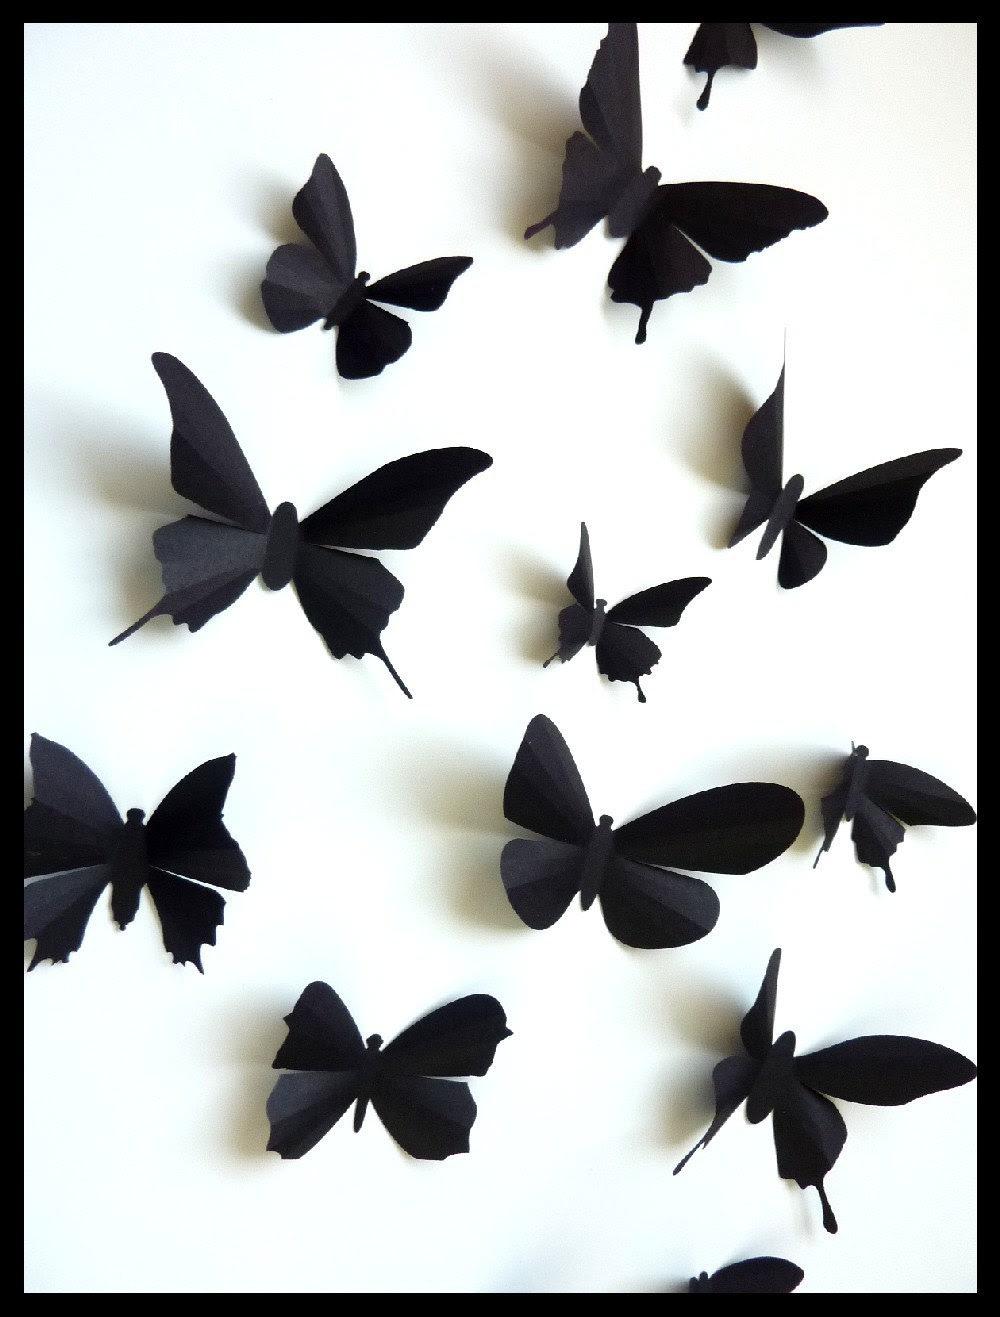 3D Wall Butterflies 30 Assorted Black Butterfly by BugsLoft